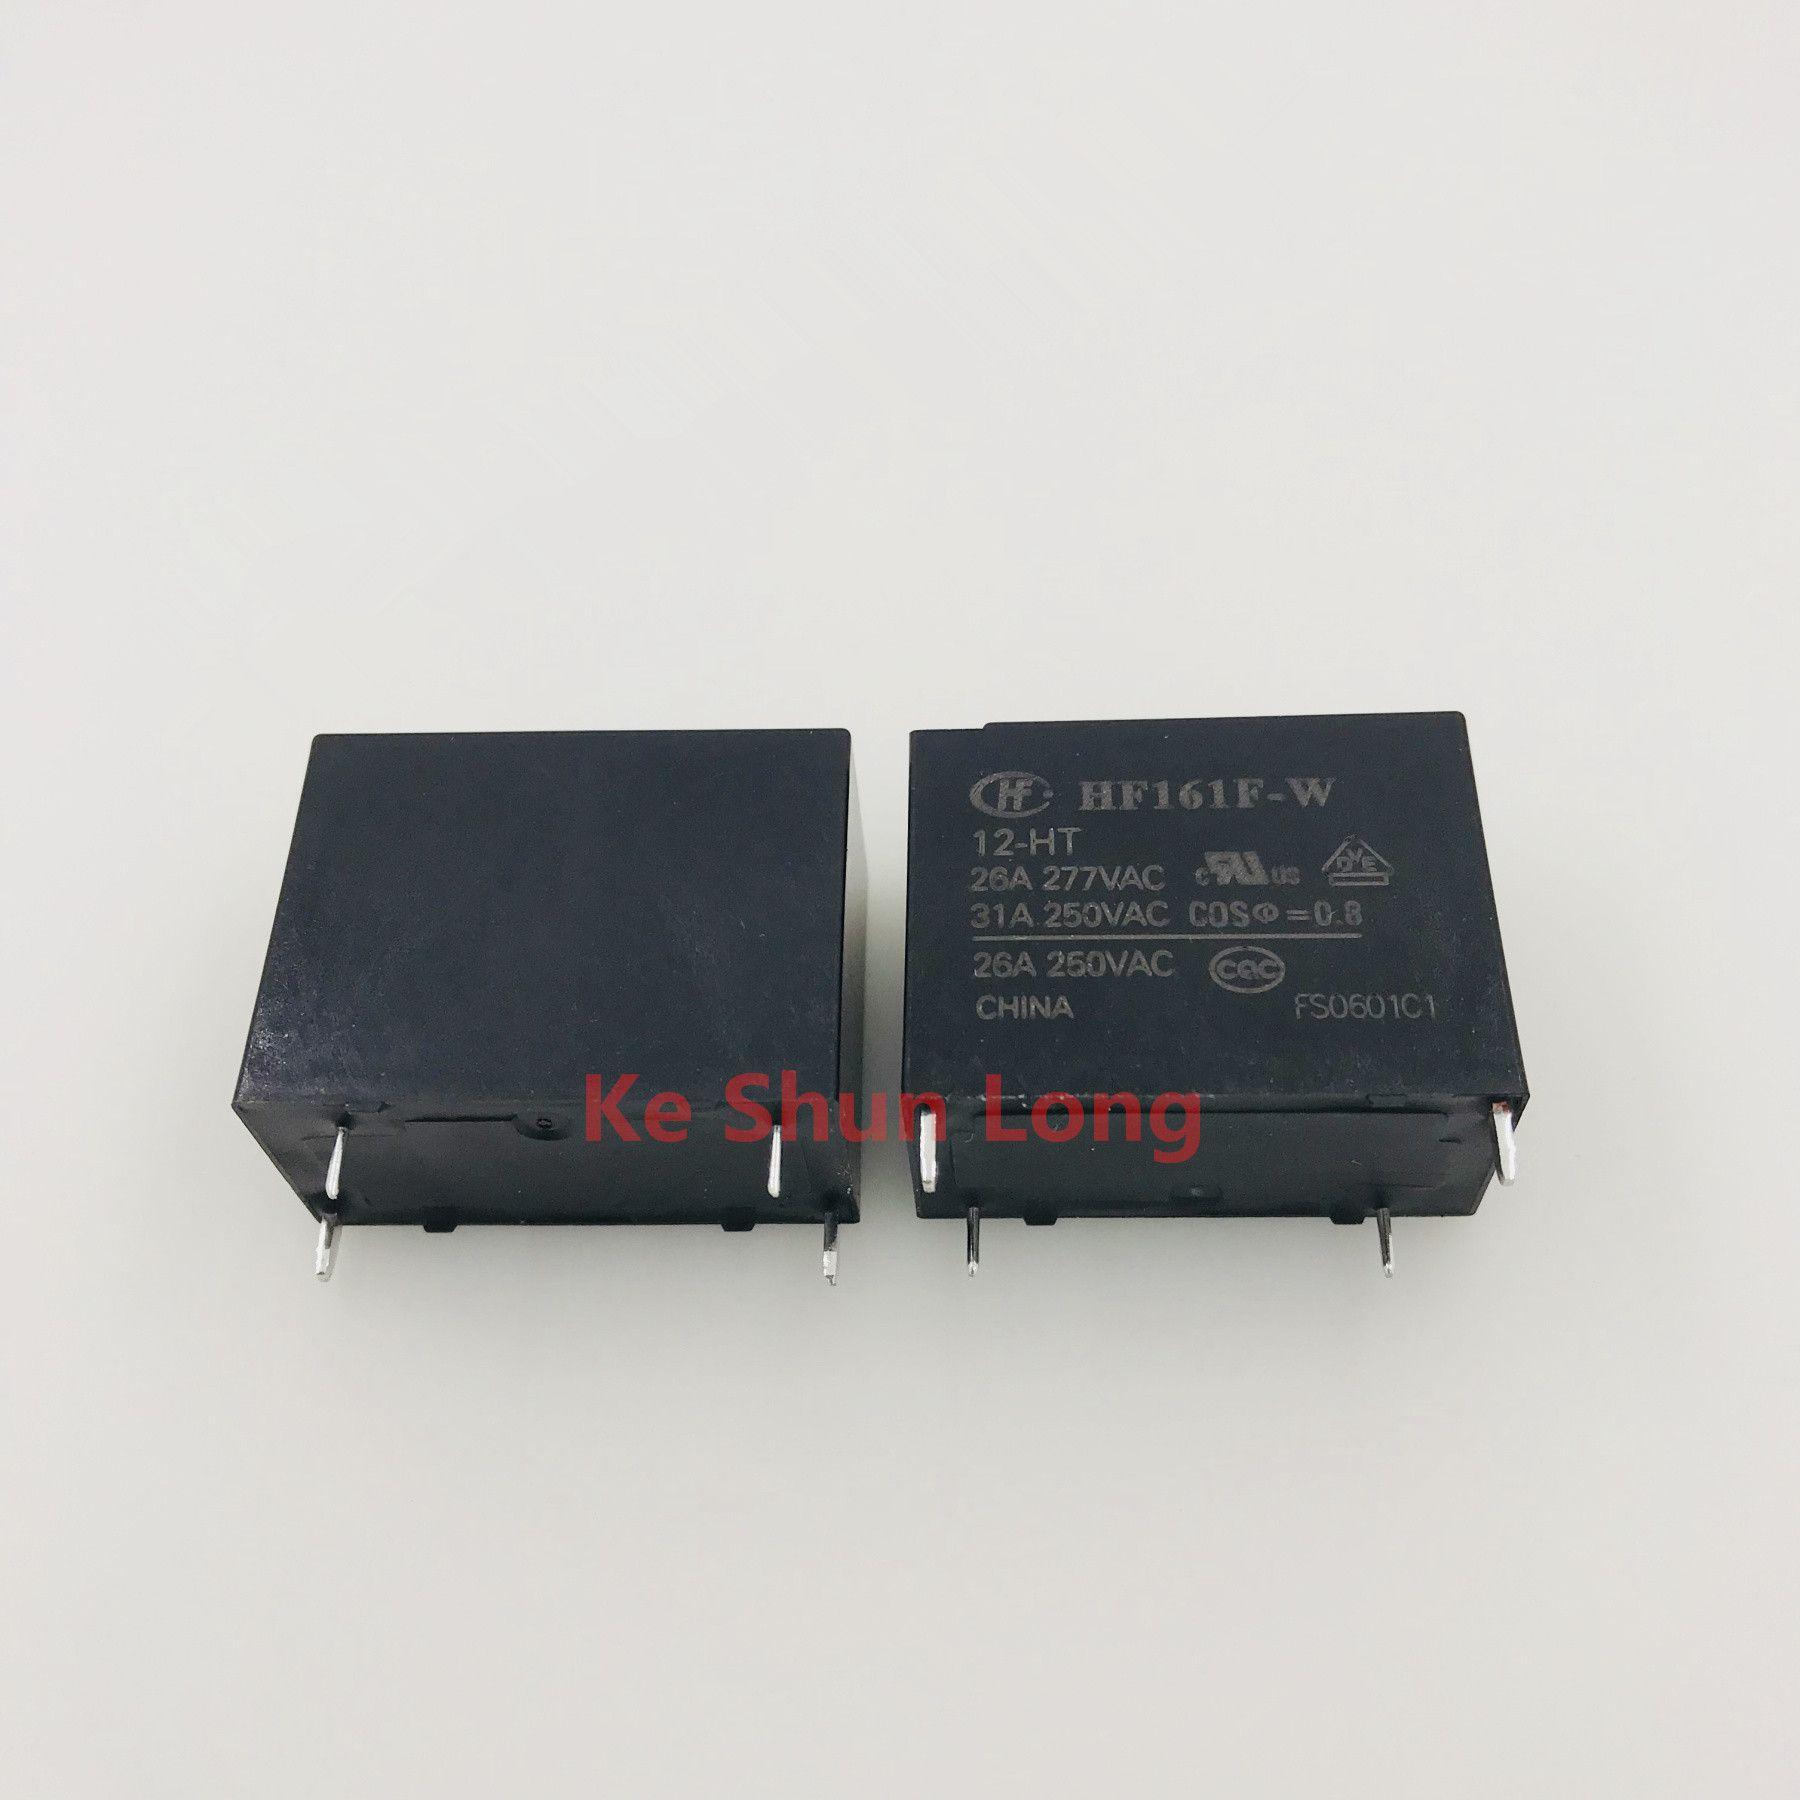 Freies Verschiffen Los (5pieces / lot) 100% ursprüngliche neue HF HF161F-W-12-HT 12VDC HF161F-W-18-HT 18VDC HF161F-W-24-HT 24VDC DIP-4 31A-Leistungsrelais